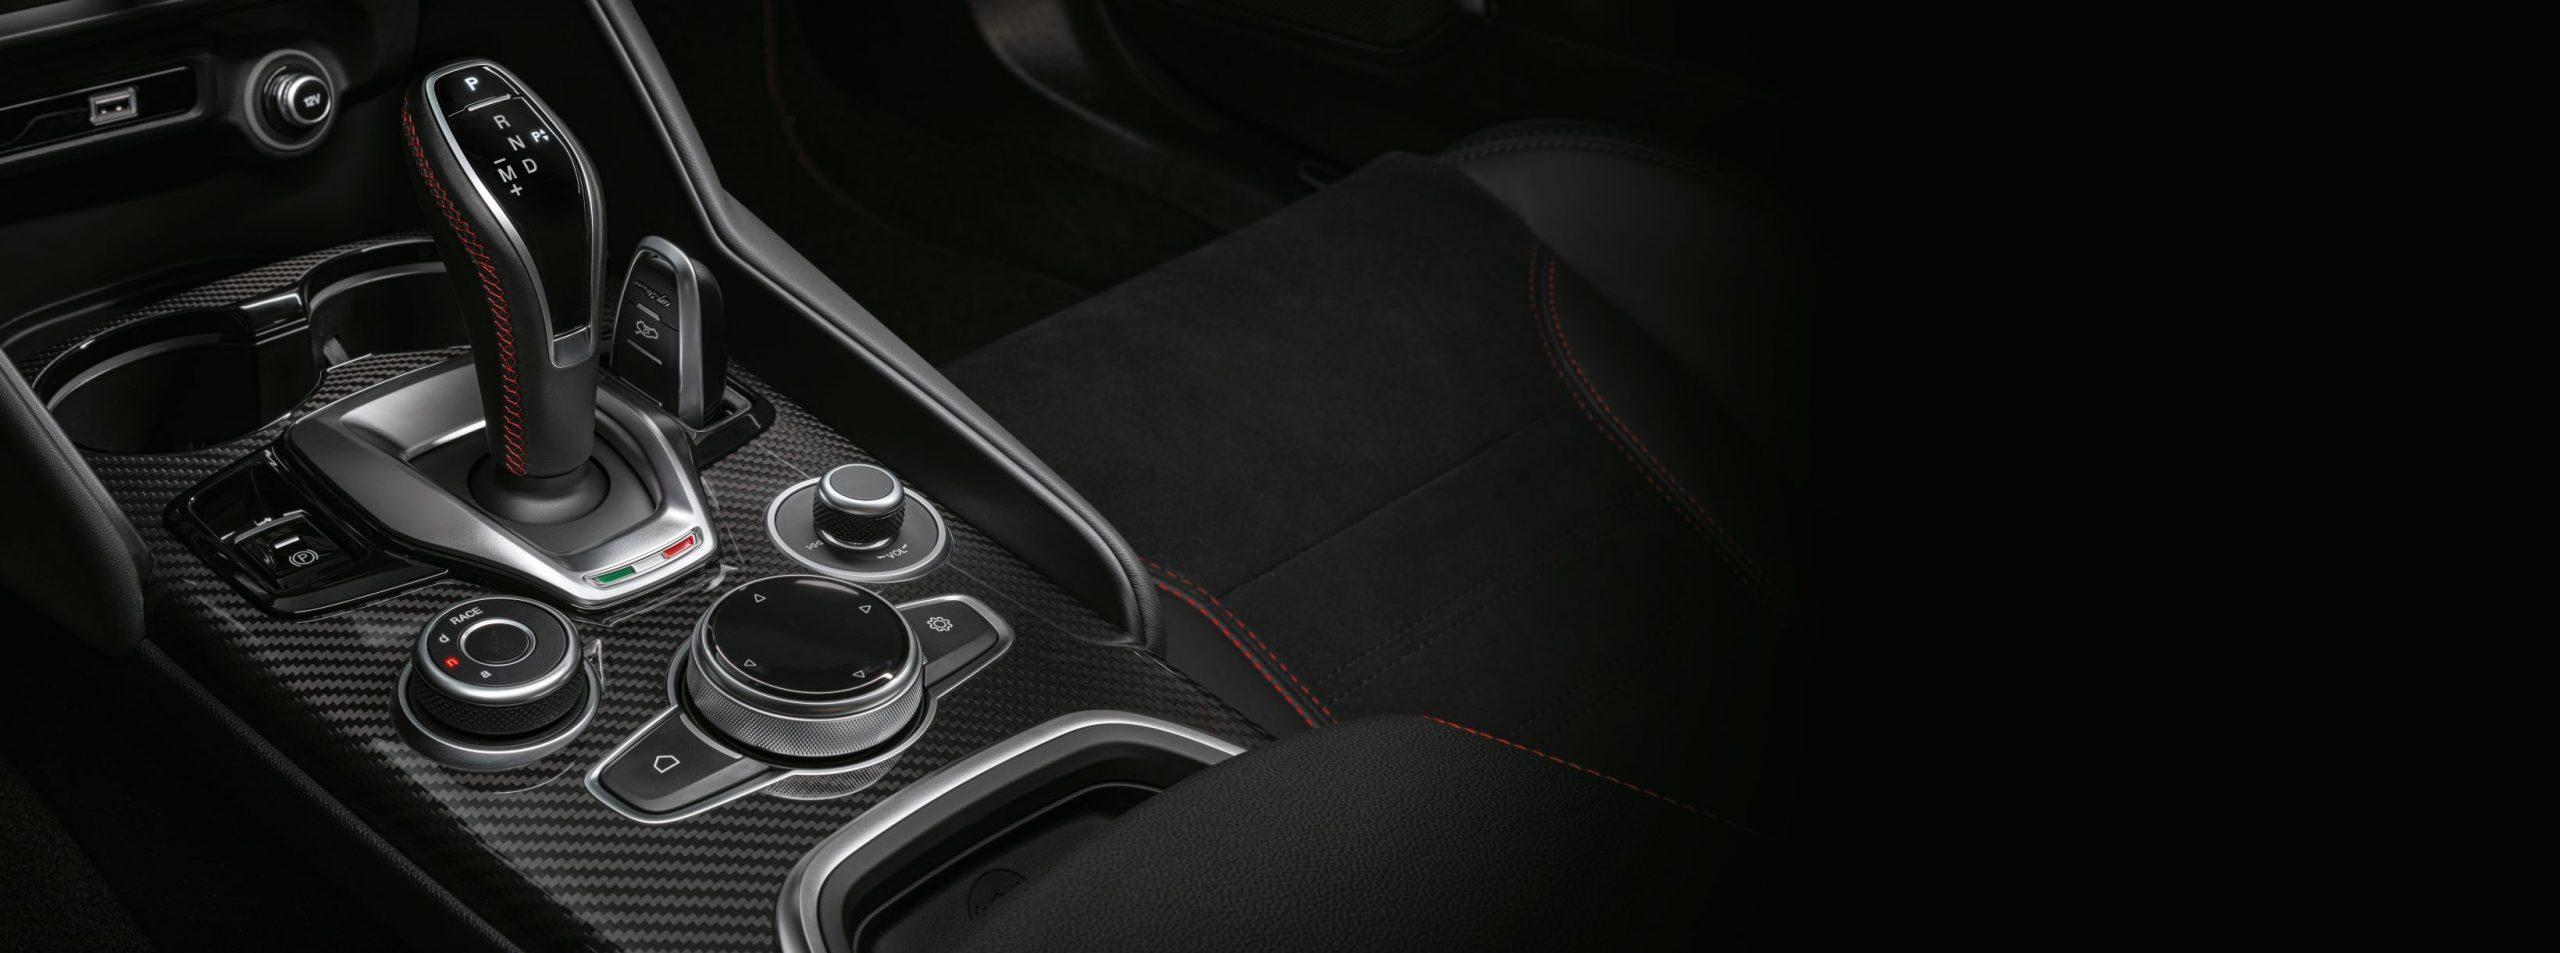 Alfa Romeo Giulia e stelvio tunnel centrale